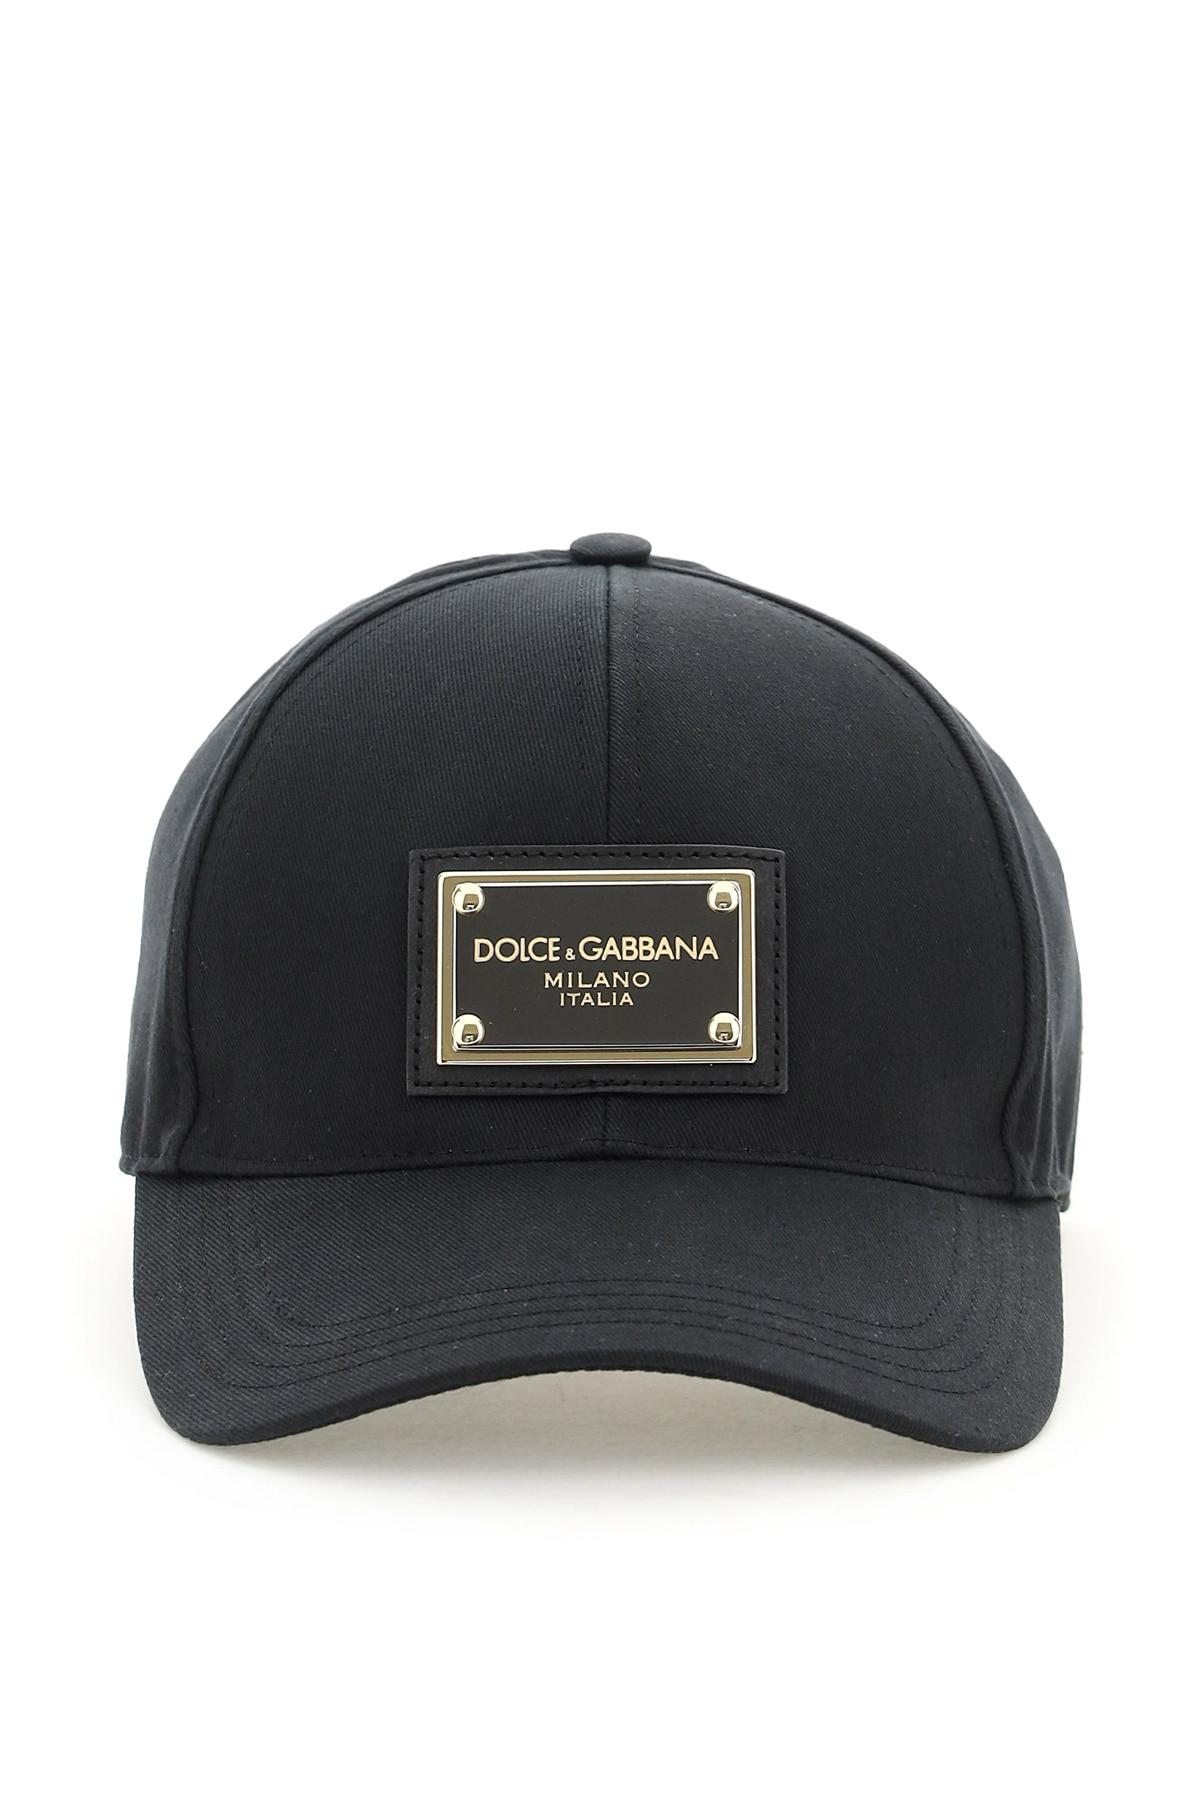 DOLCE & GABBANA BASEBALL CAP 59 Black Cotton